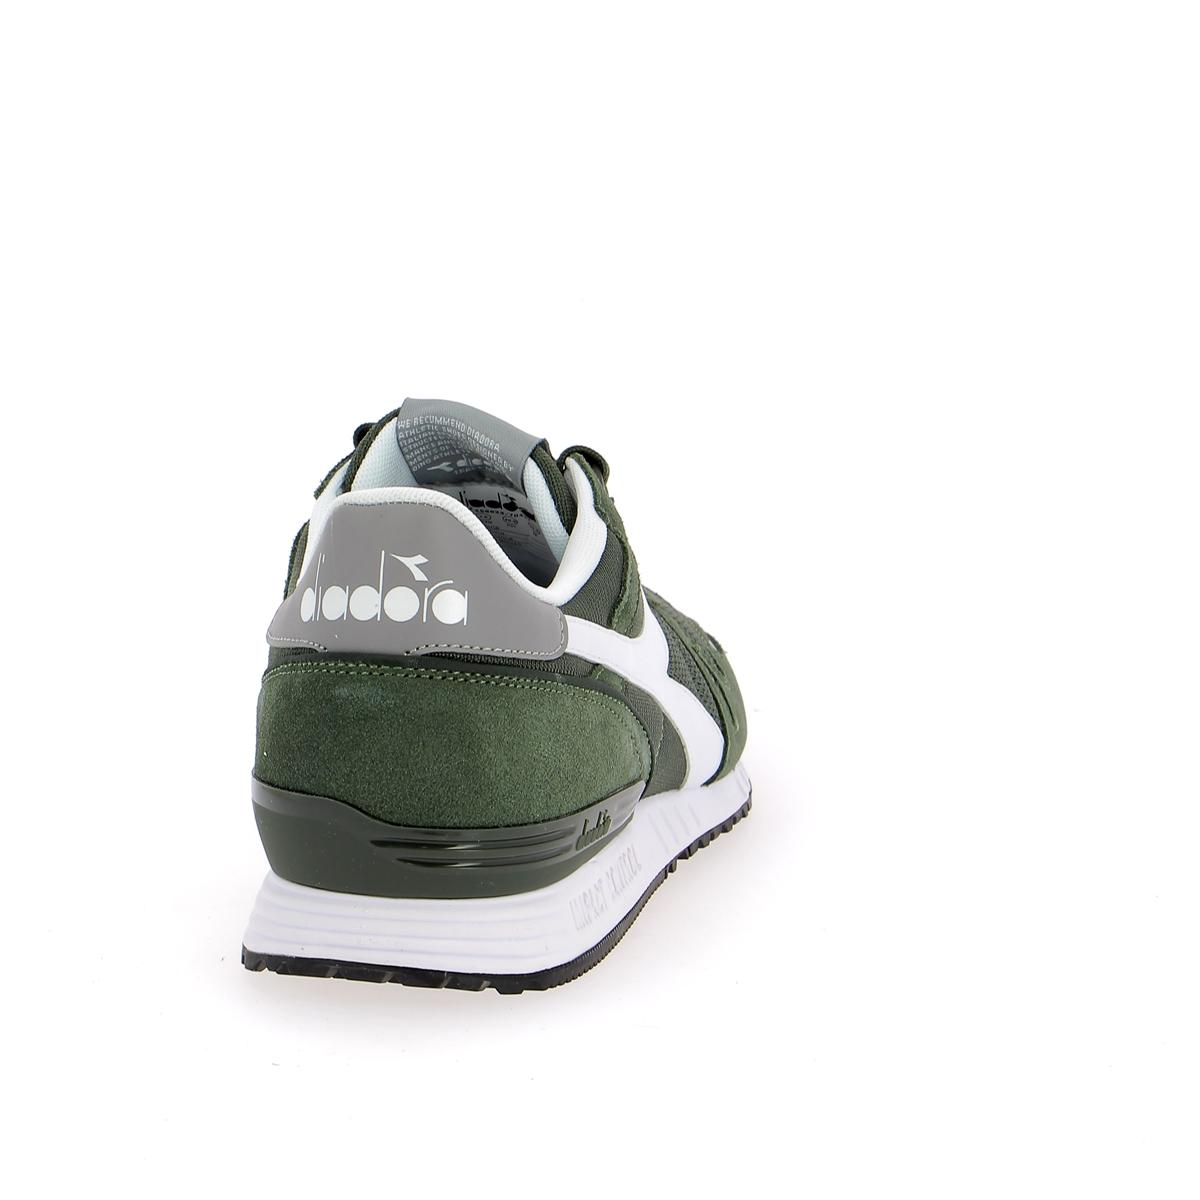 Diadora Basket kaki